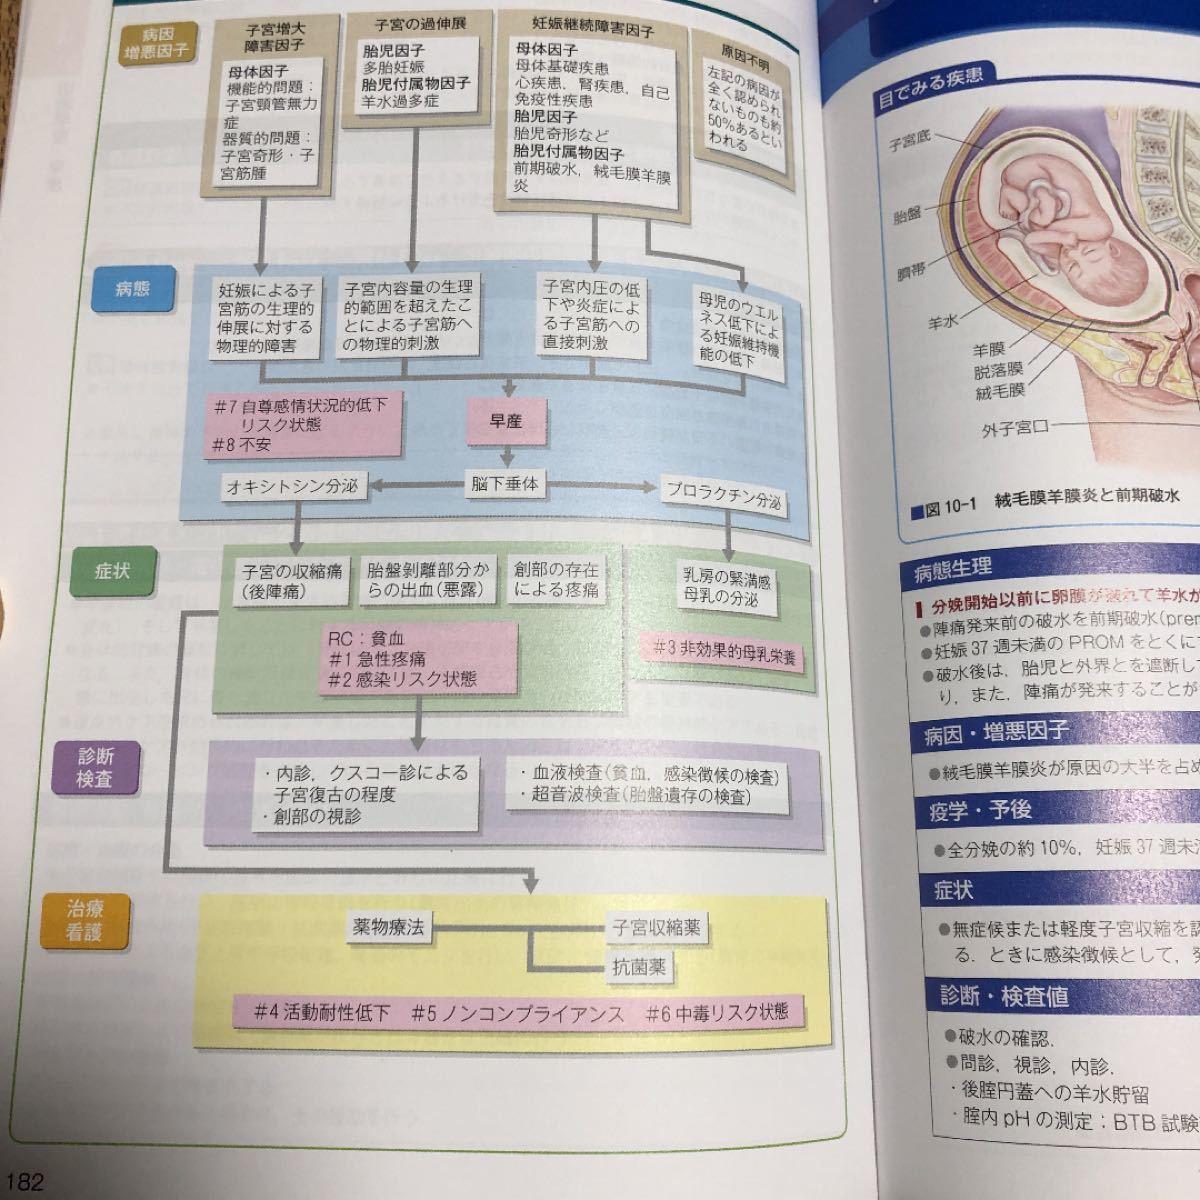 図 看護 書き方 関連 パソコンで看護の関連図を書く方法